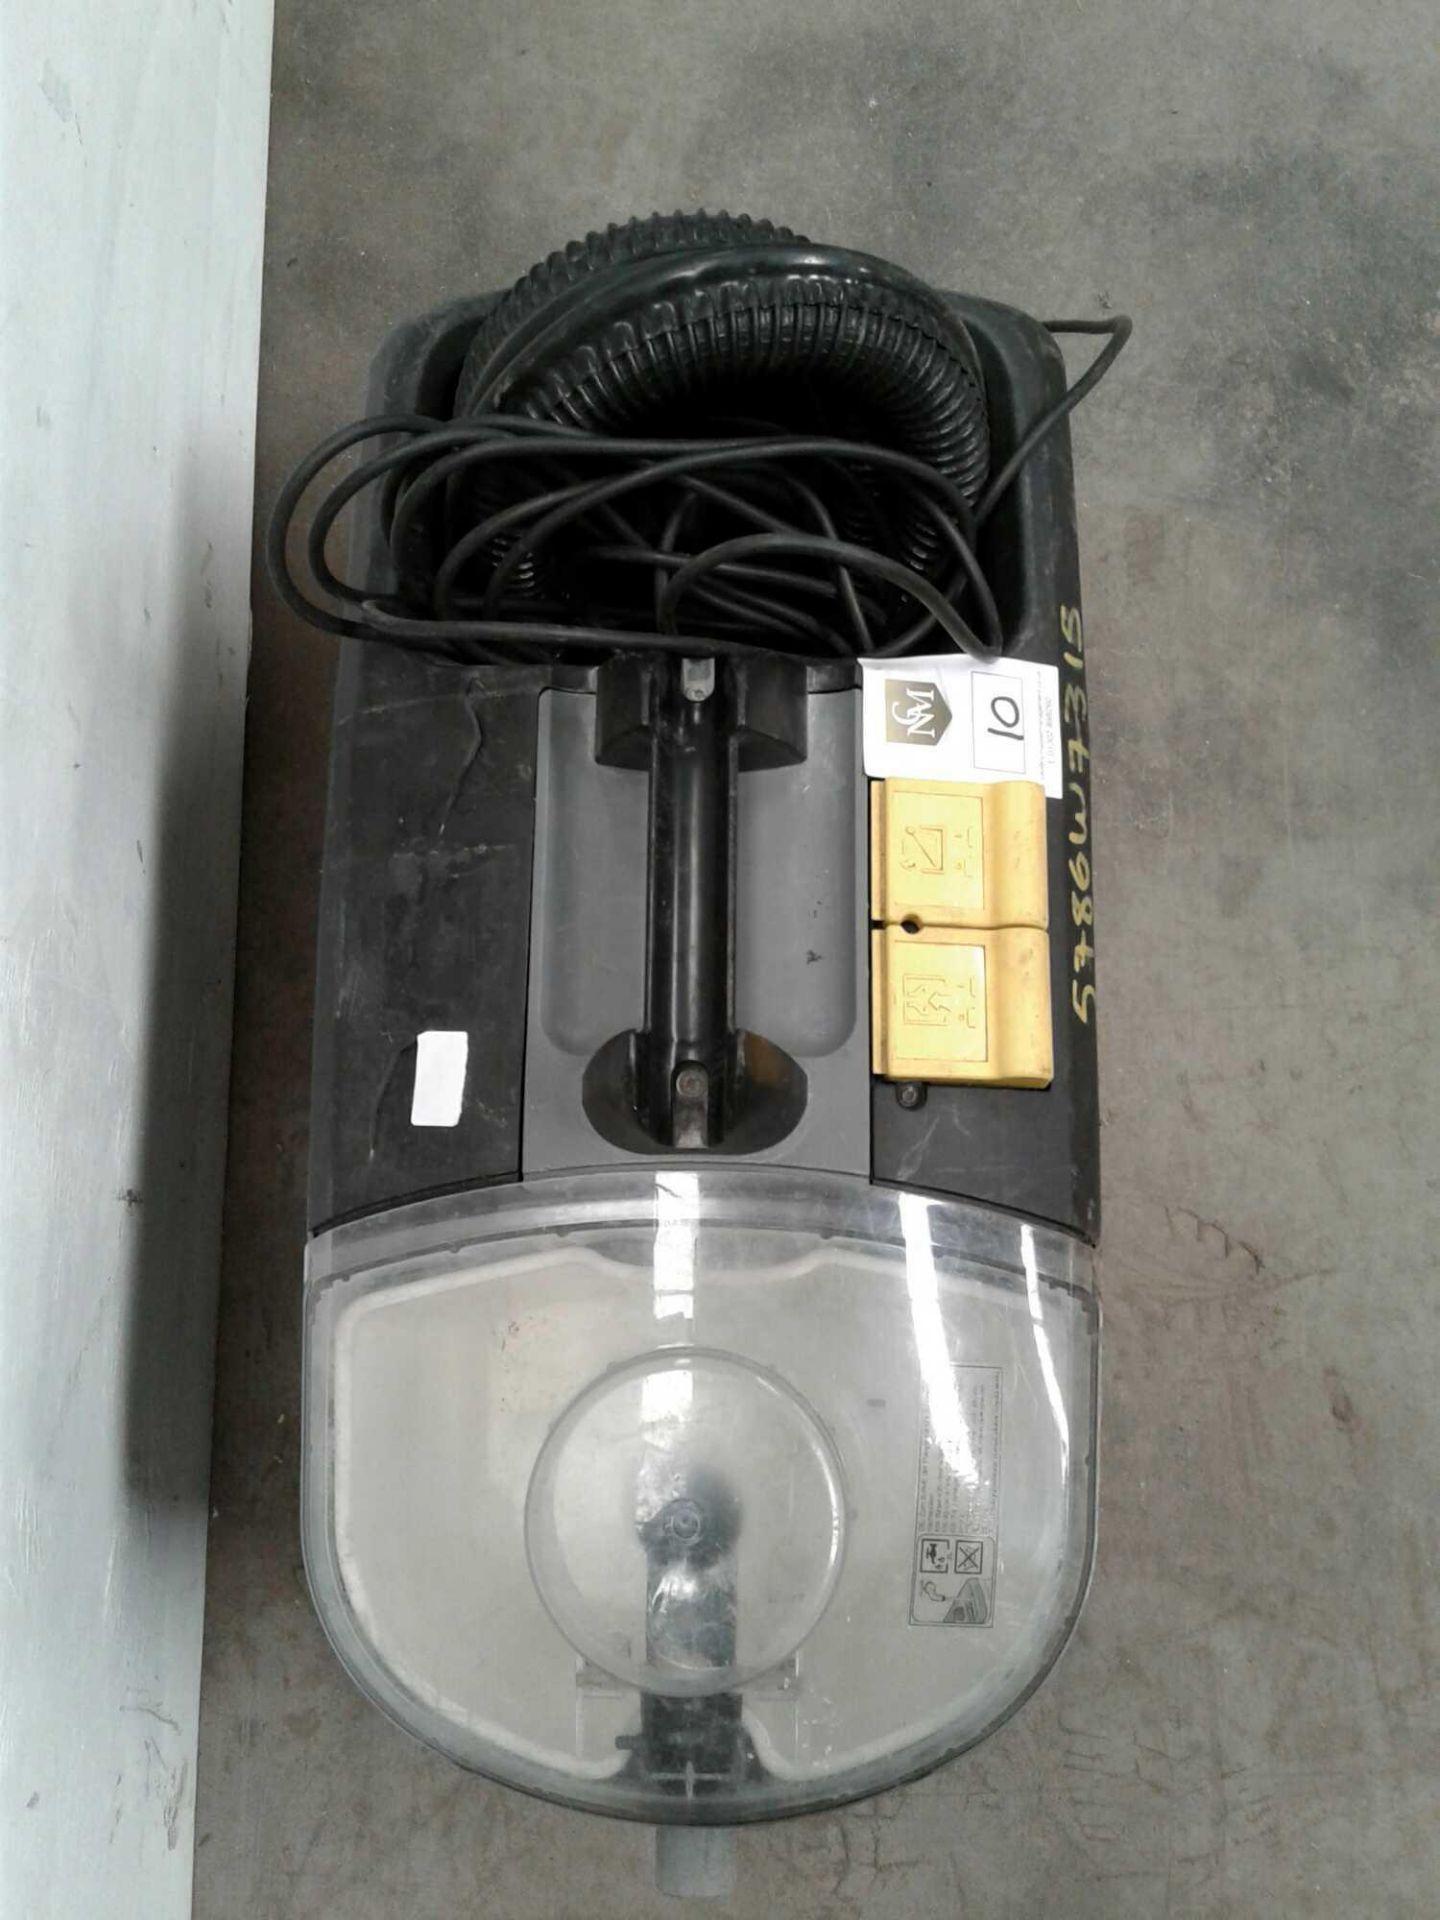 Lot 10 - Karcher carpet cleaner TV